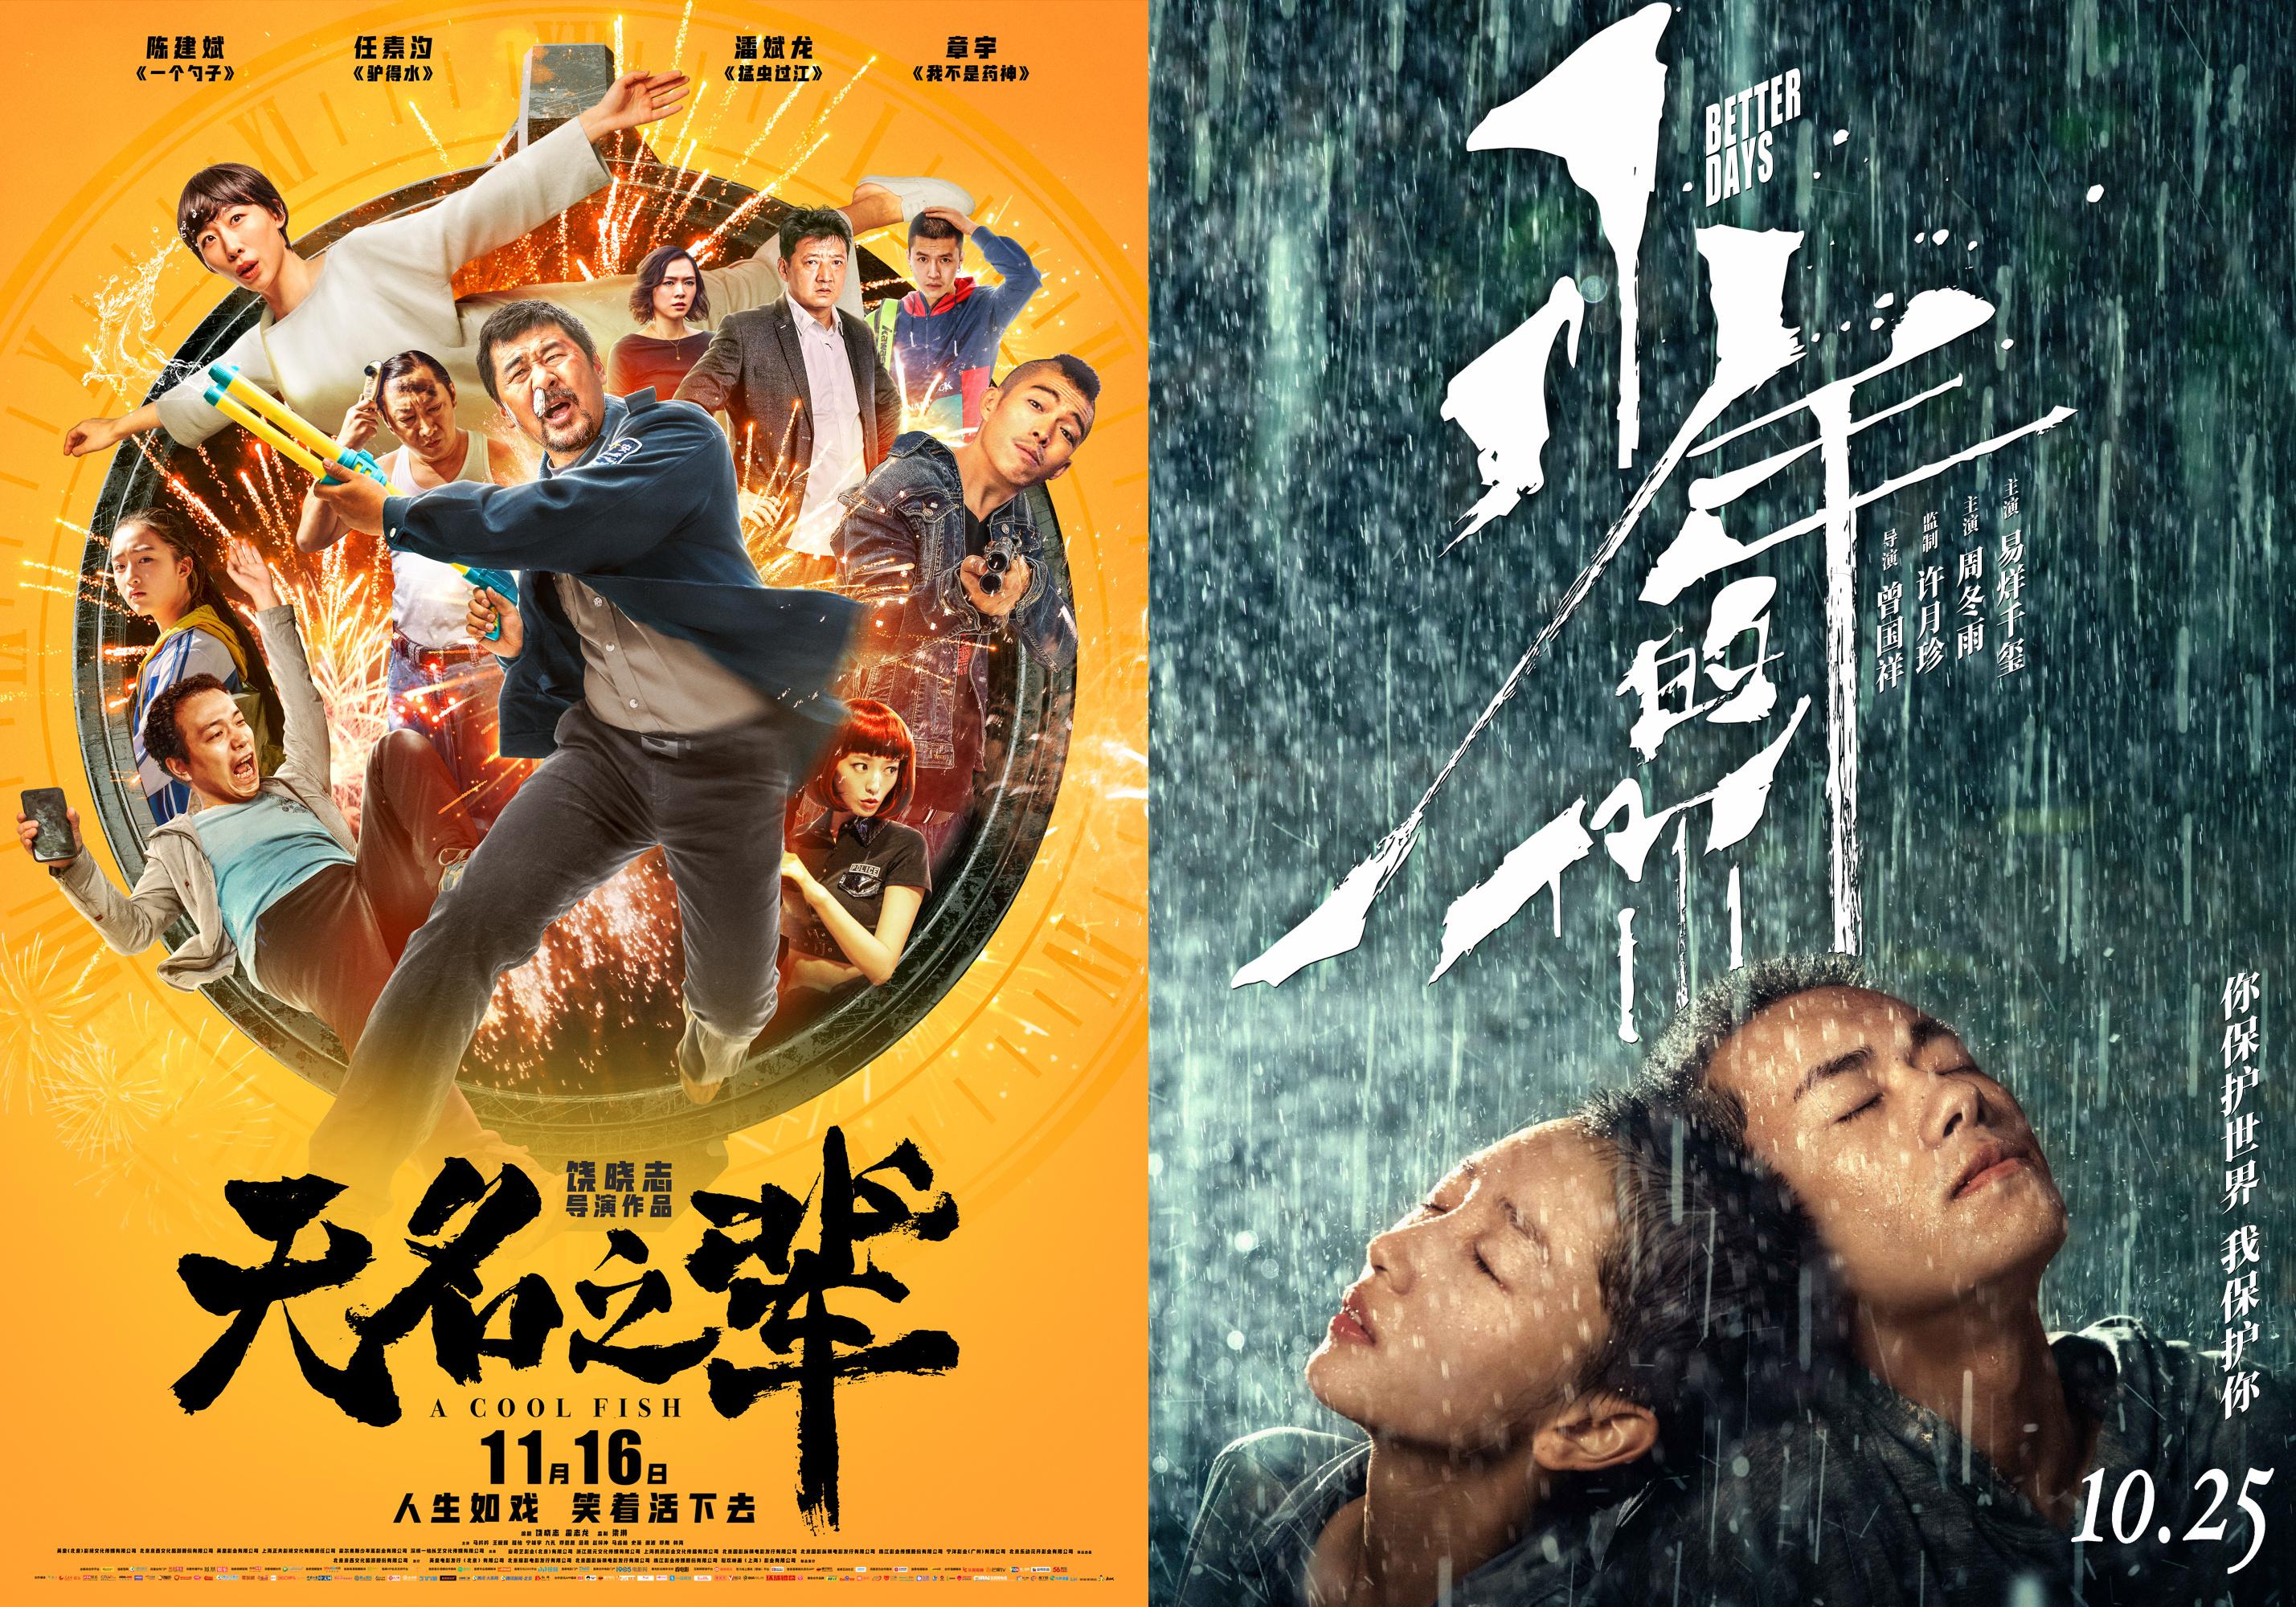 无爆款的11月,扎堆的春节档,观众该怎么看? 第7张